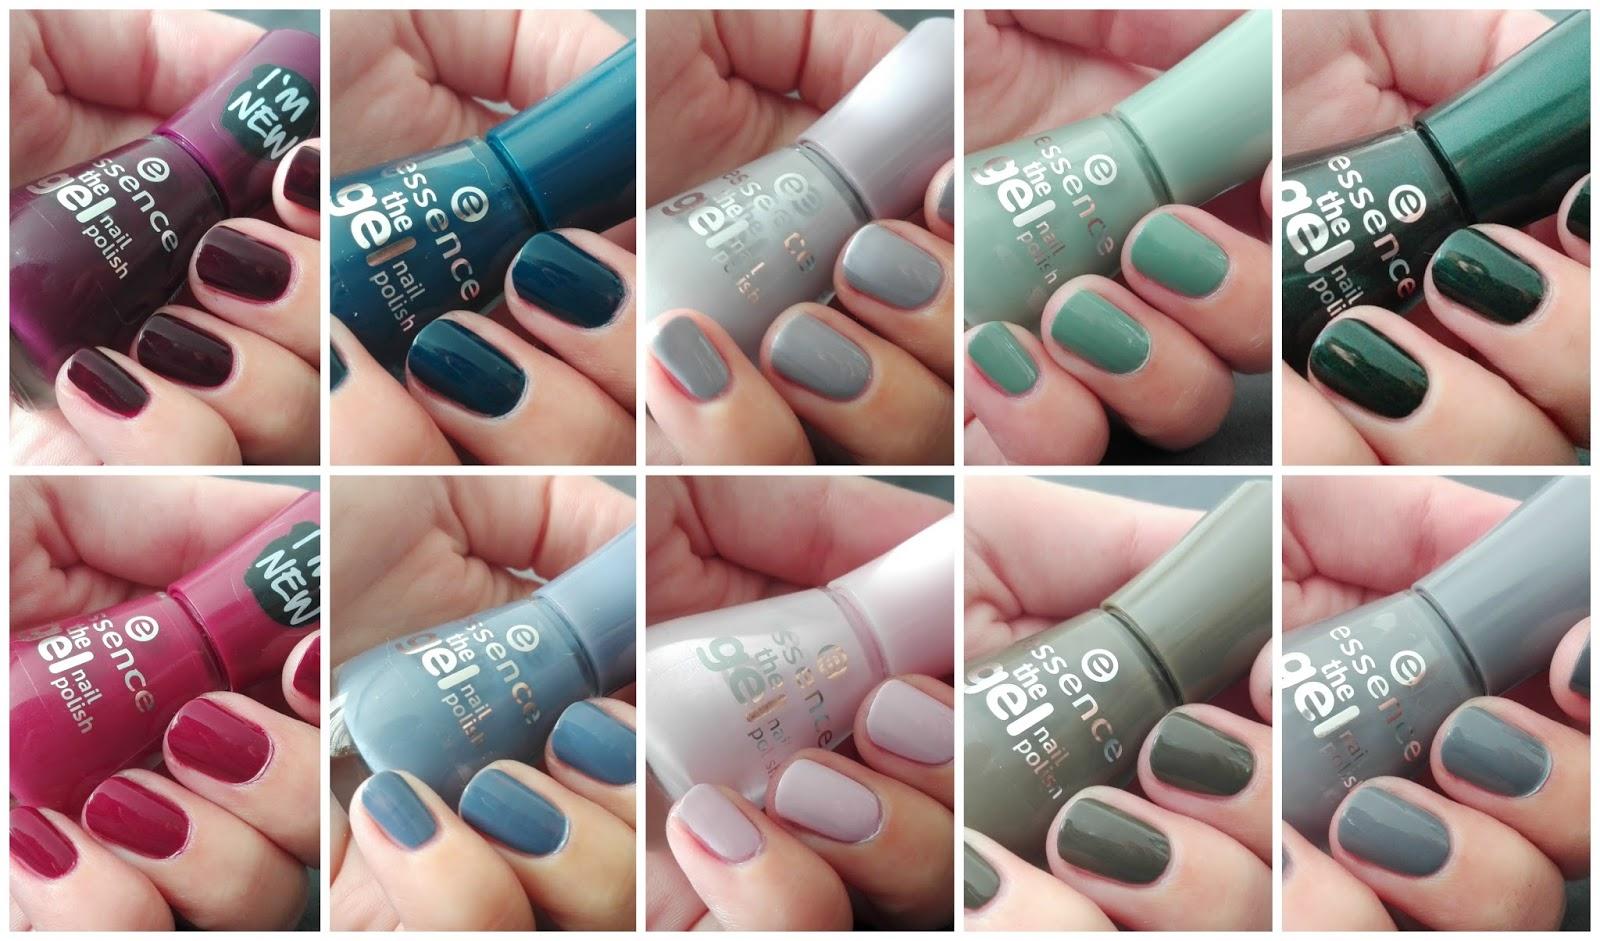 Beauty By K Essence Cosmetisc Nove Podzimni Odstiny Laku Na Nehty